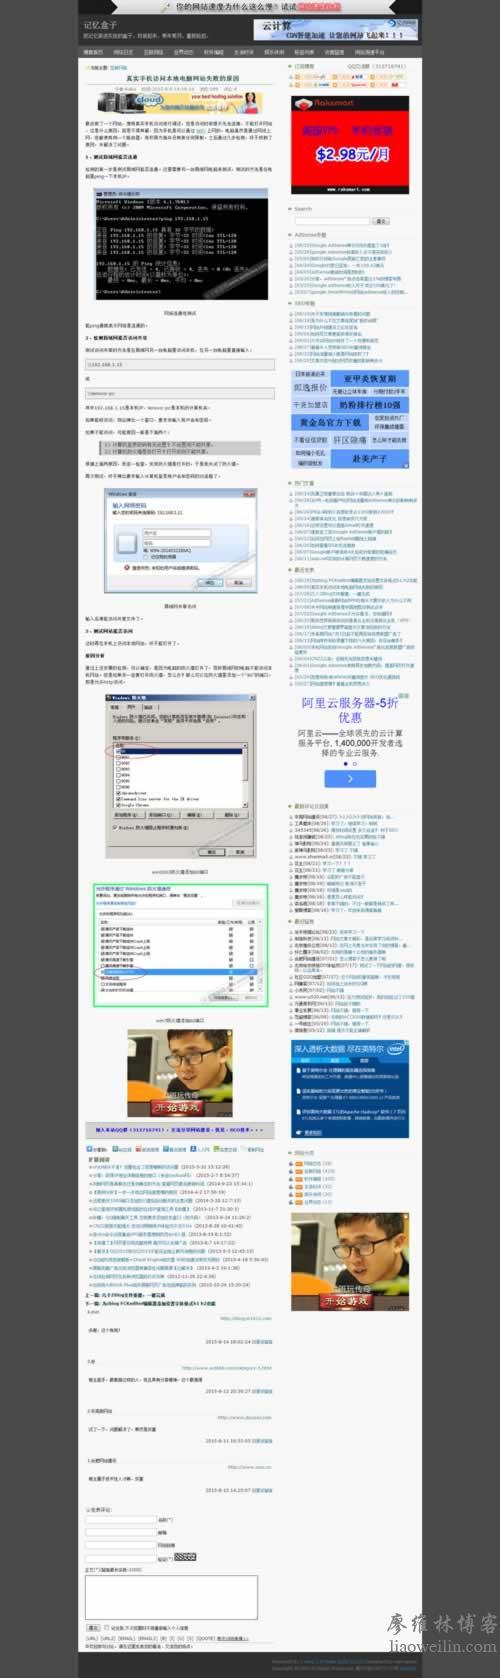 怎样把PC网站改为自适应!请看详细具体的教程!